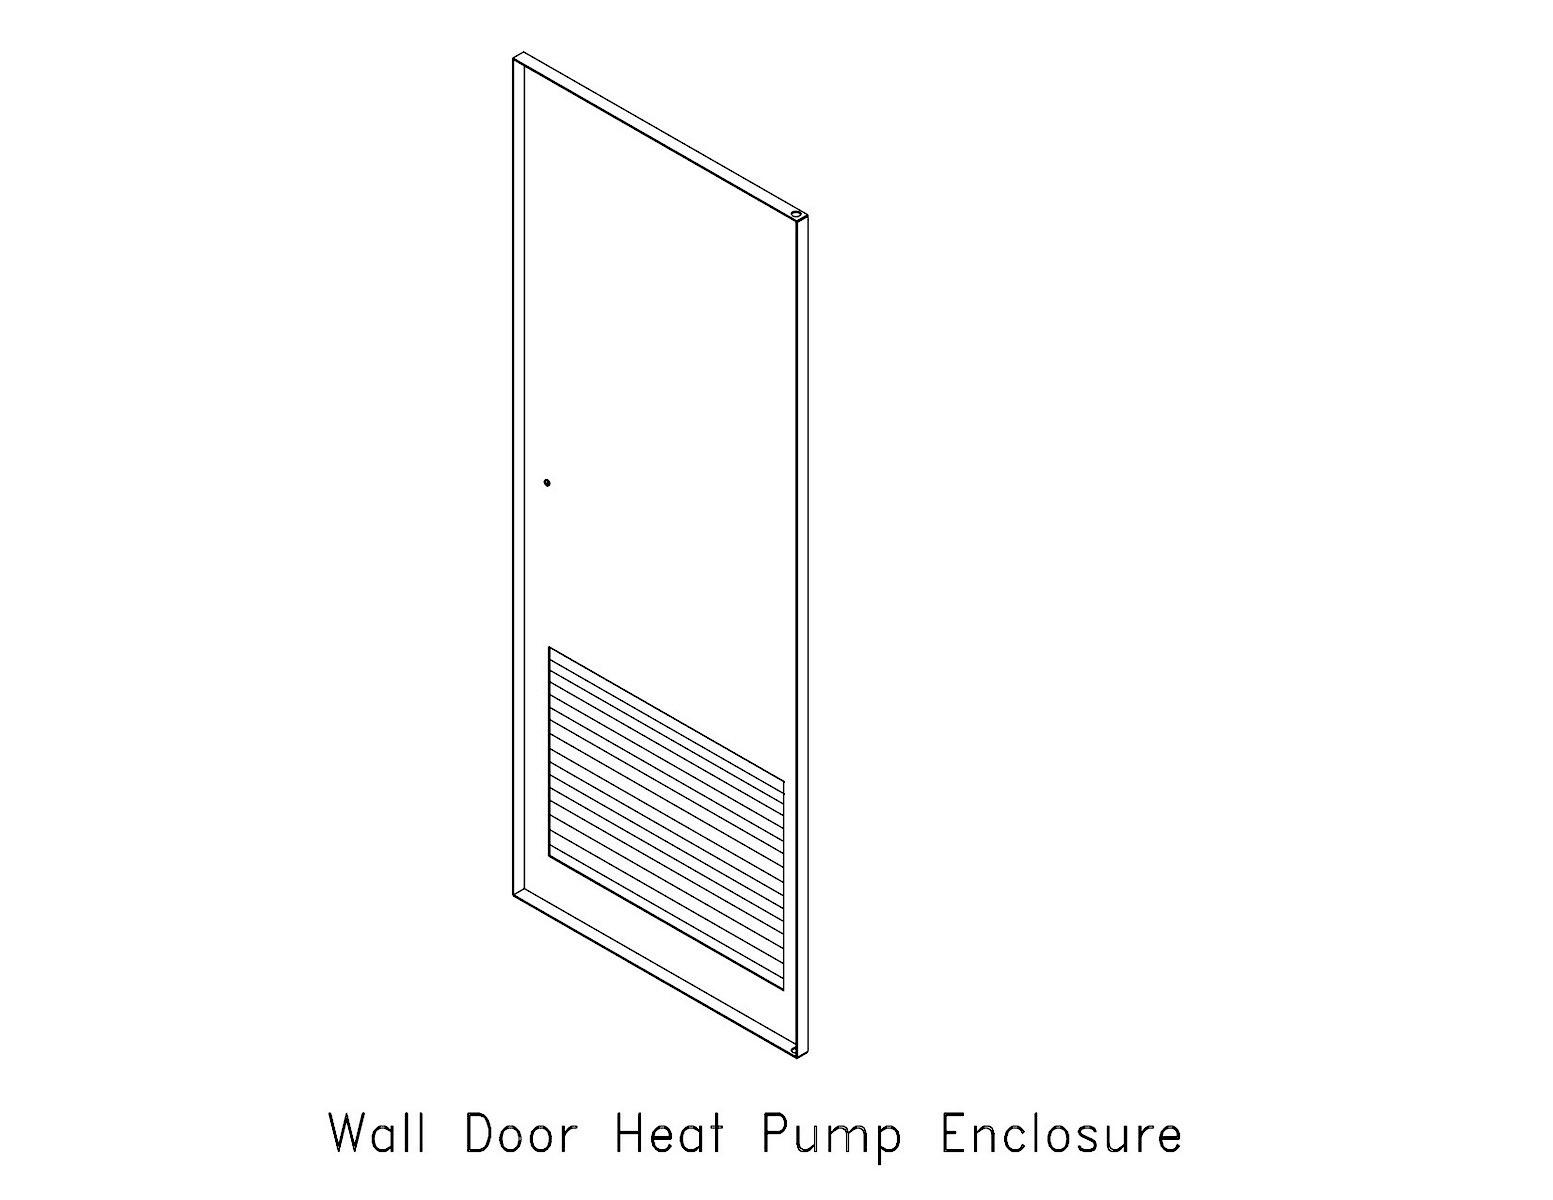 3 Heat Pump Encl.